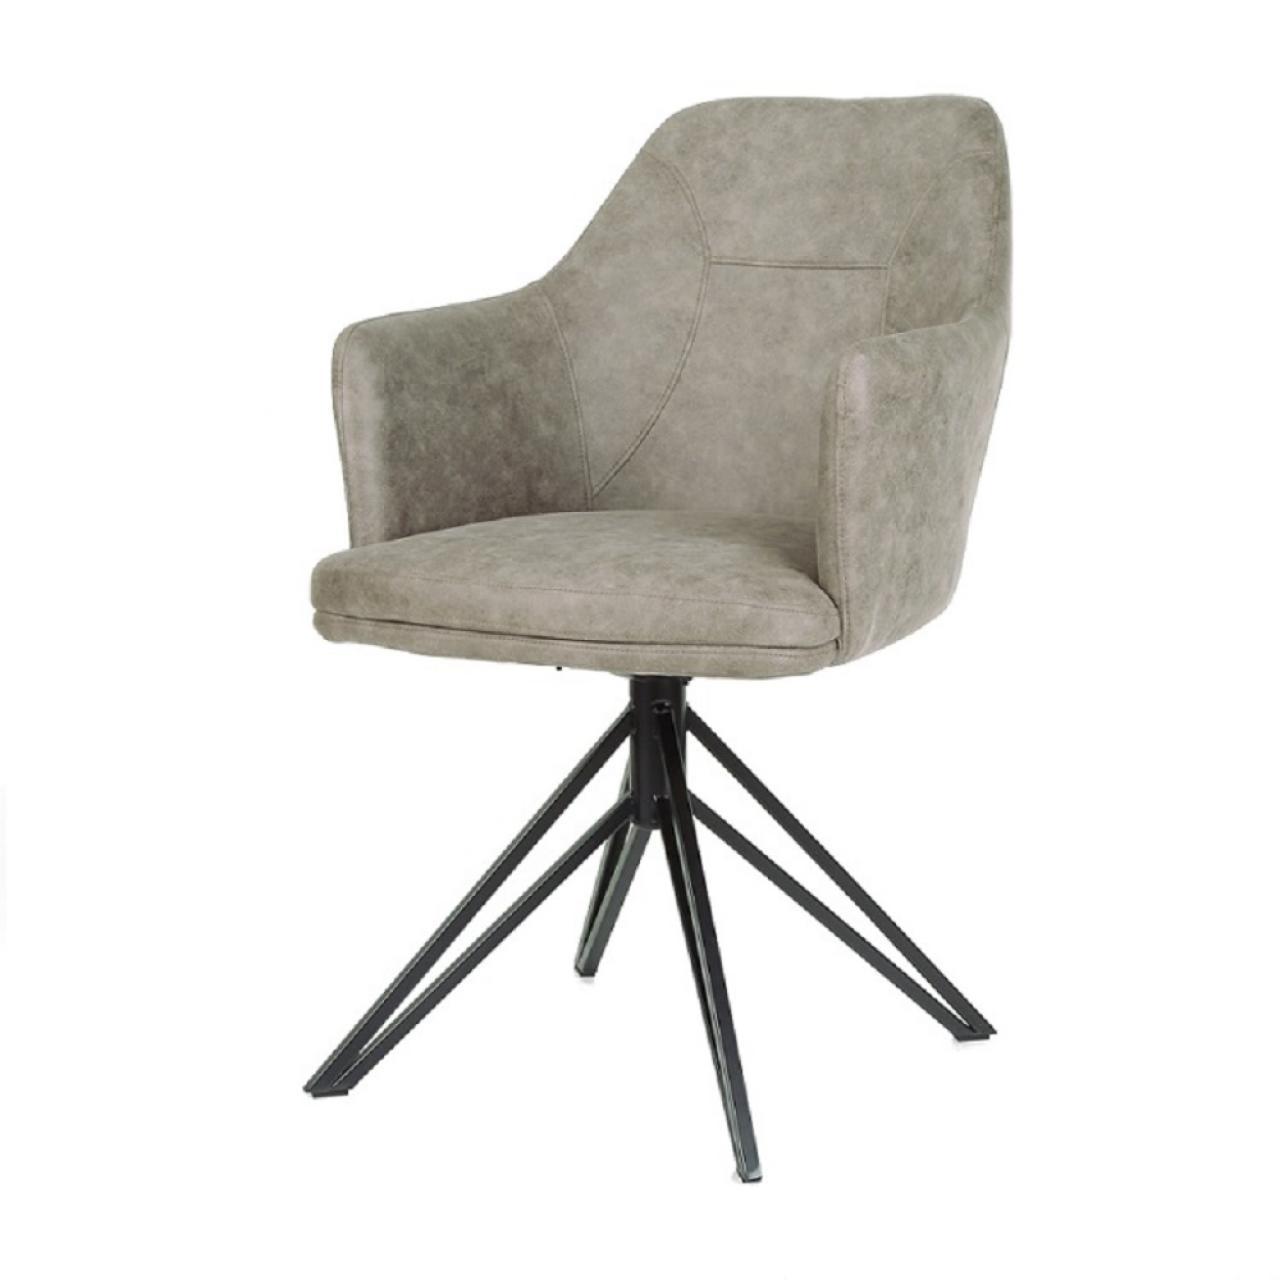 Der Stuhl Calvin mit Armlehnen in Pebble Wohnzimmer Esszimmer